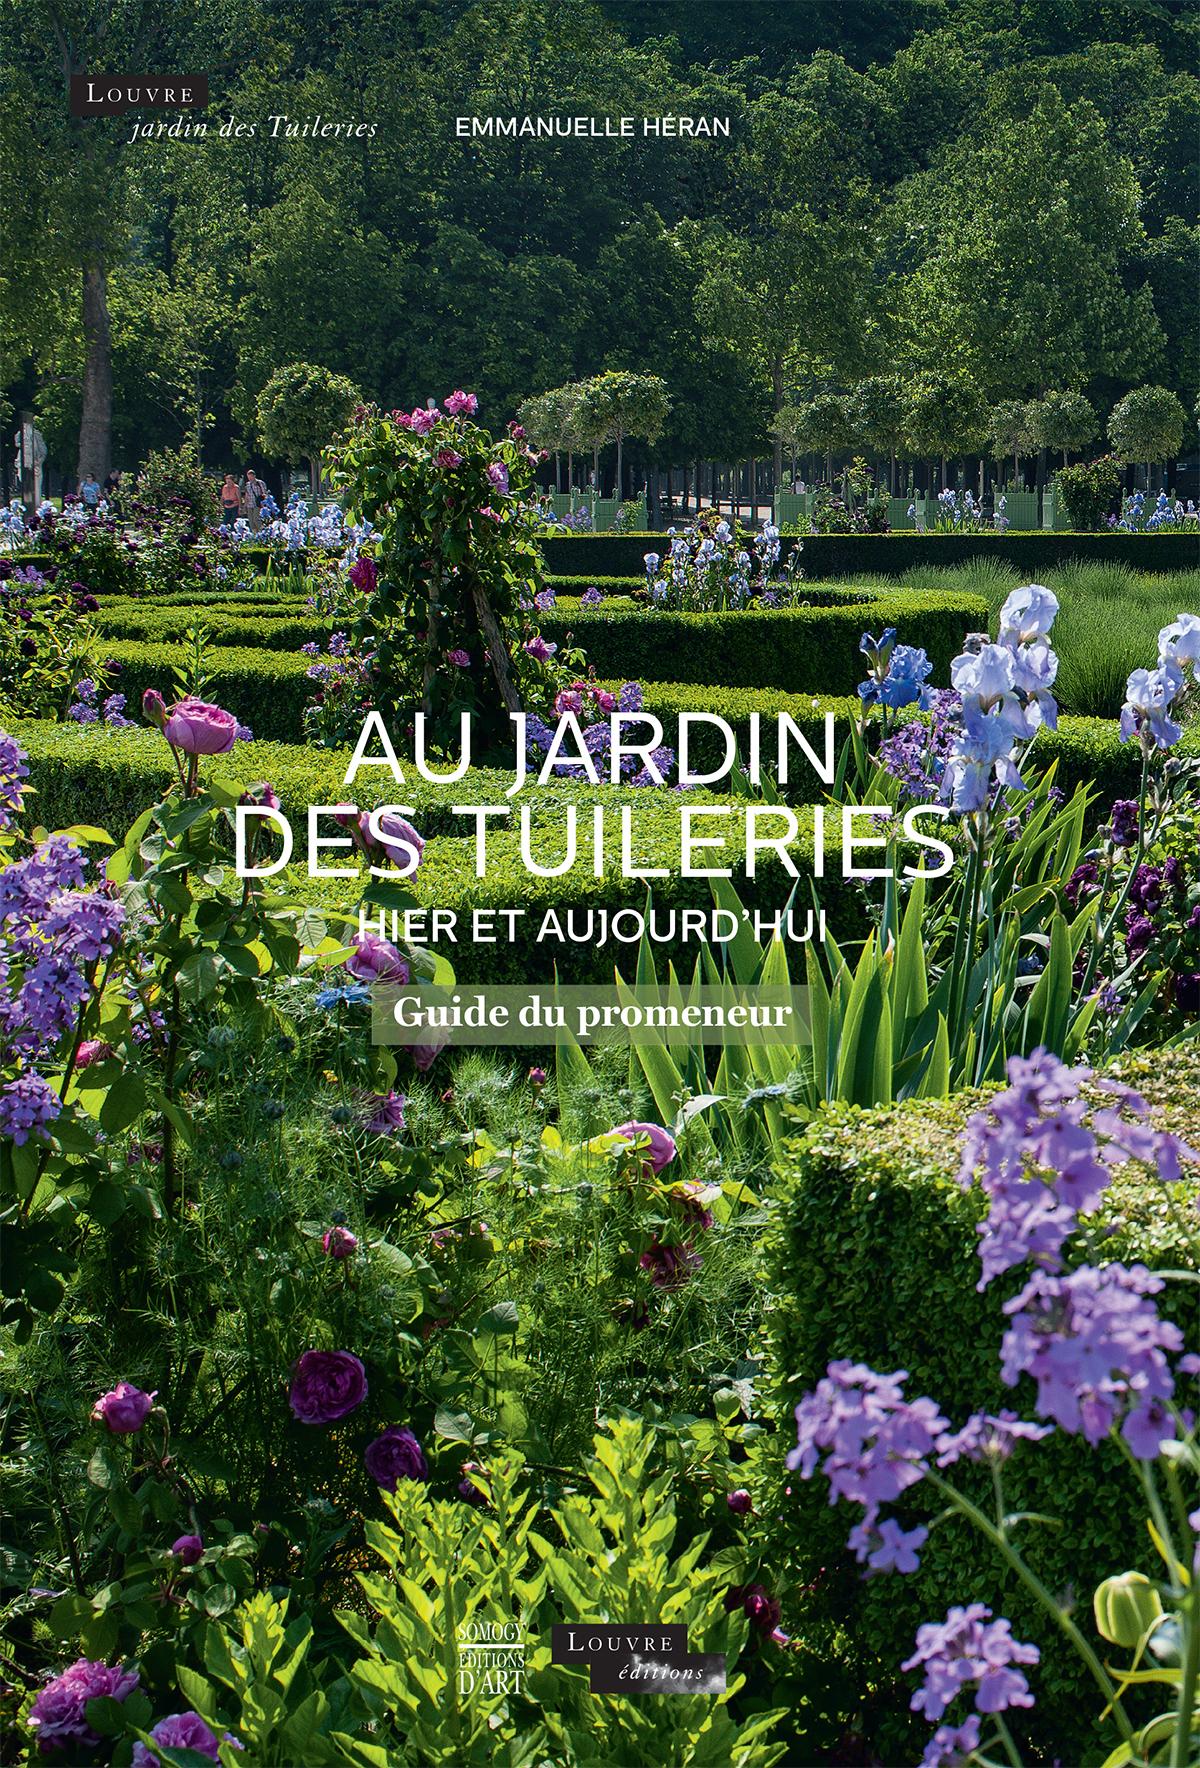 AU_JARDIN_DES_TUILERIES_COUVERTURE_FR.indd